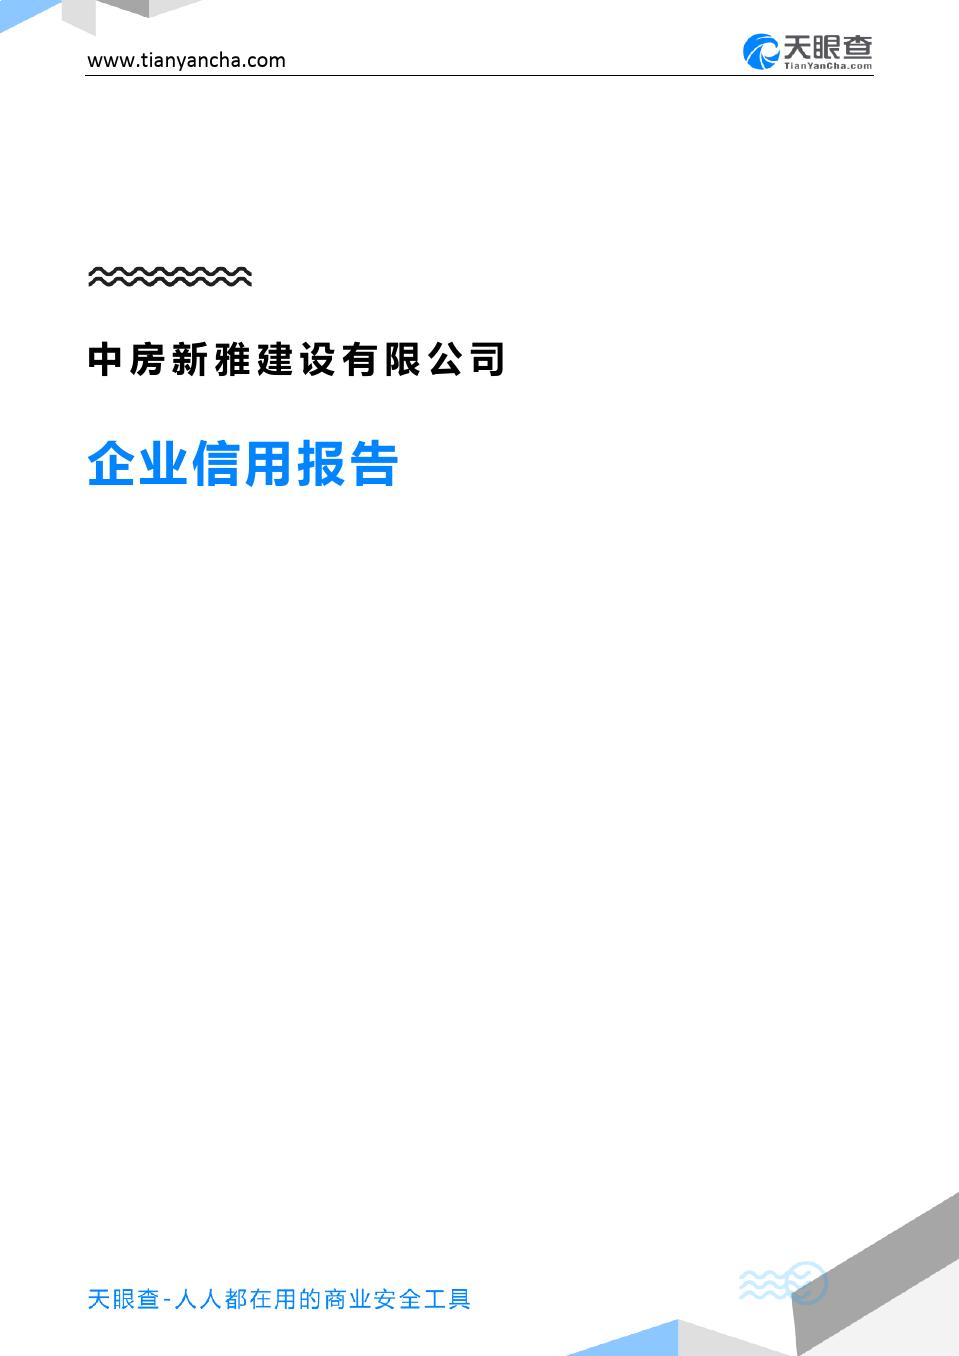 中房新雅建设有限公司(企业信用报告)- 天眼查